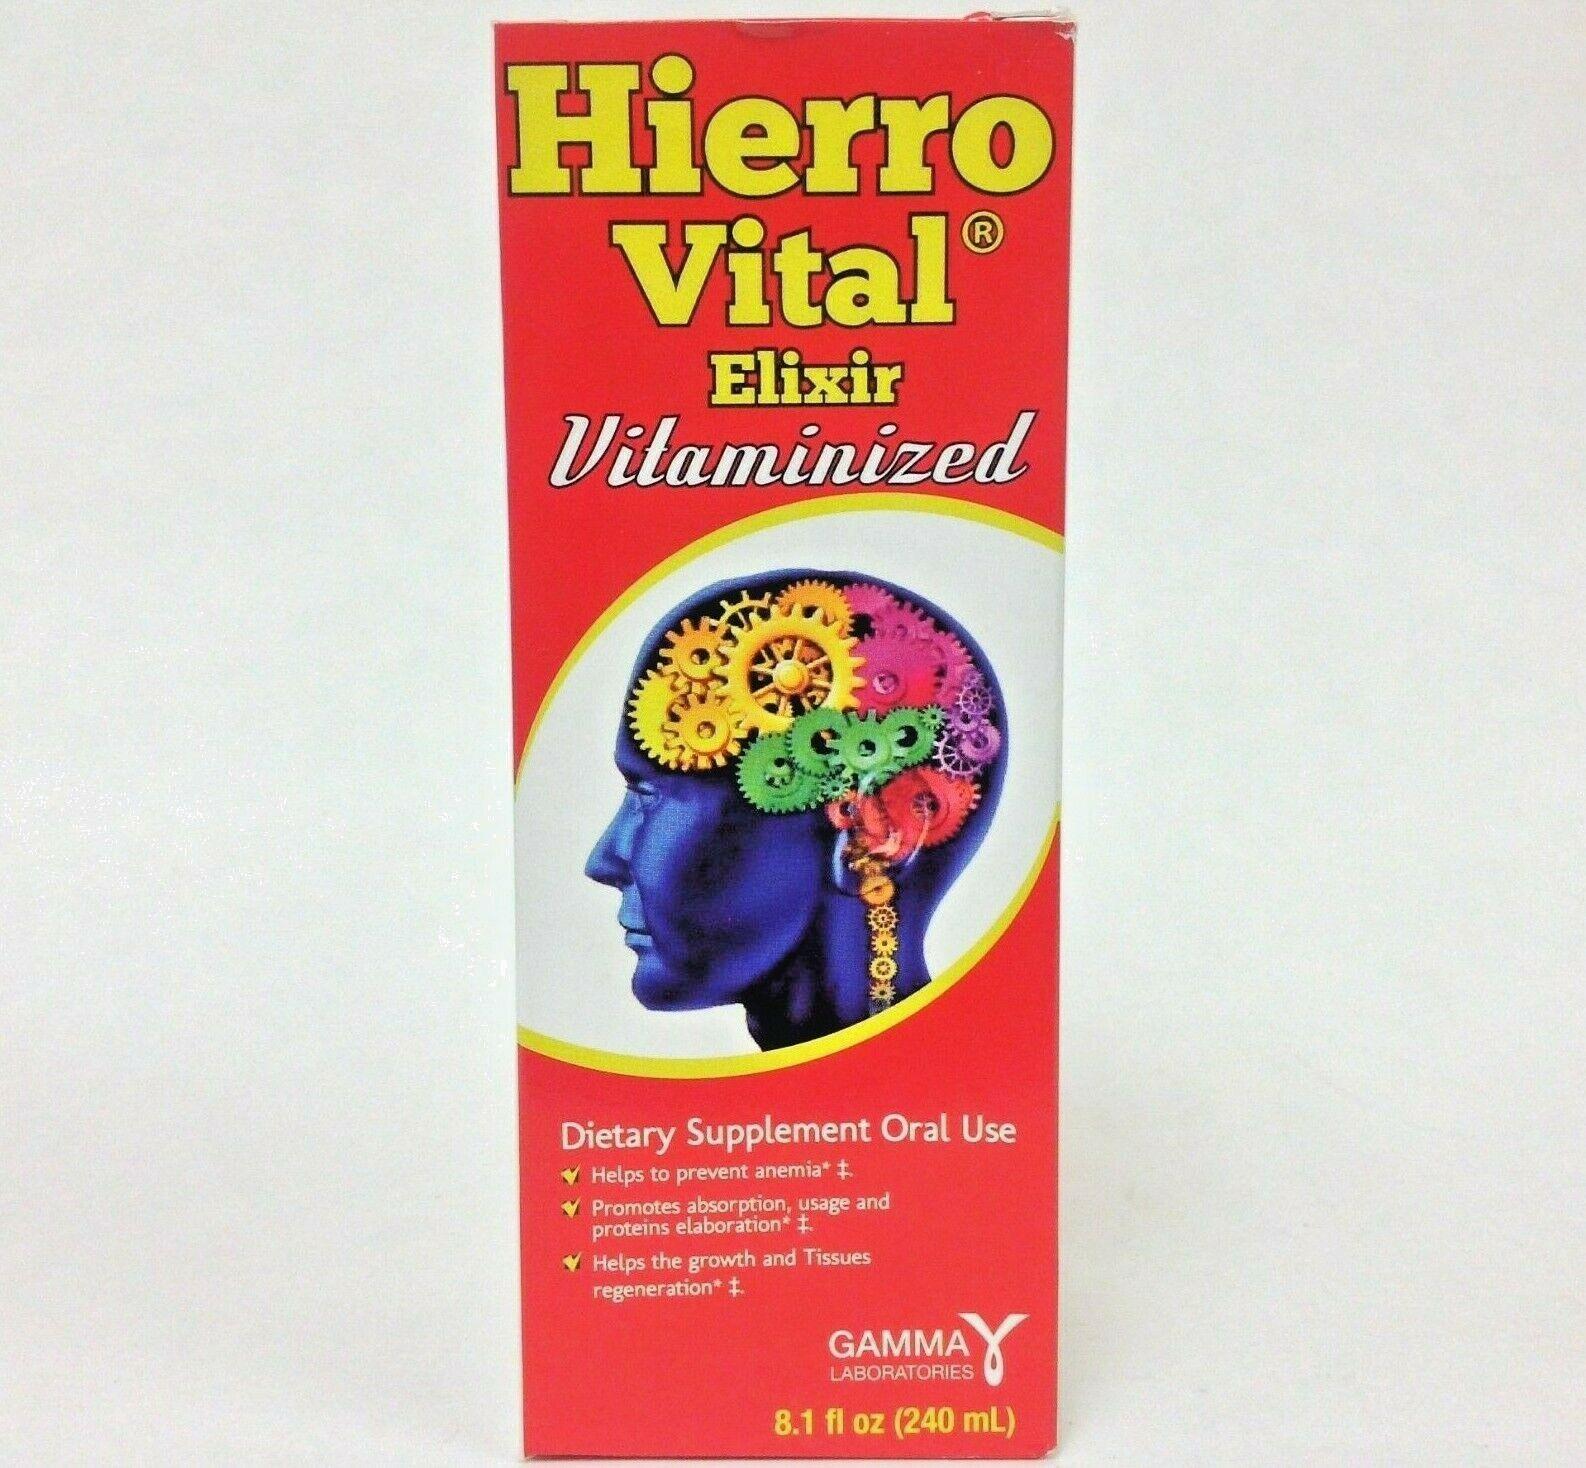 Hierro Vital + B12 Vitaminized 8.1 oz / Hierro Vital + B12 Vitaminado 8.1oz